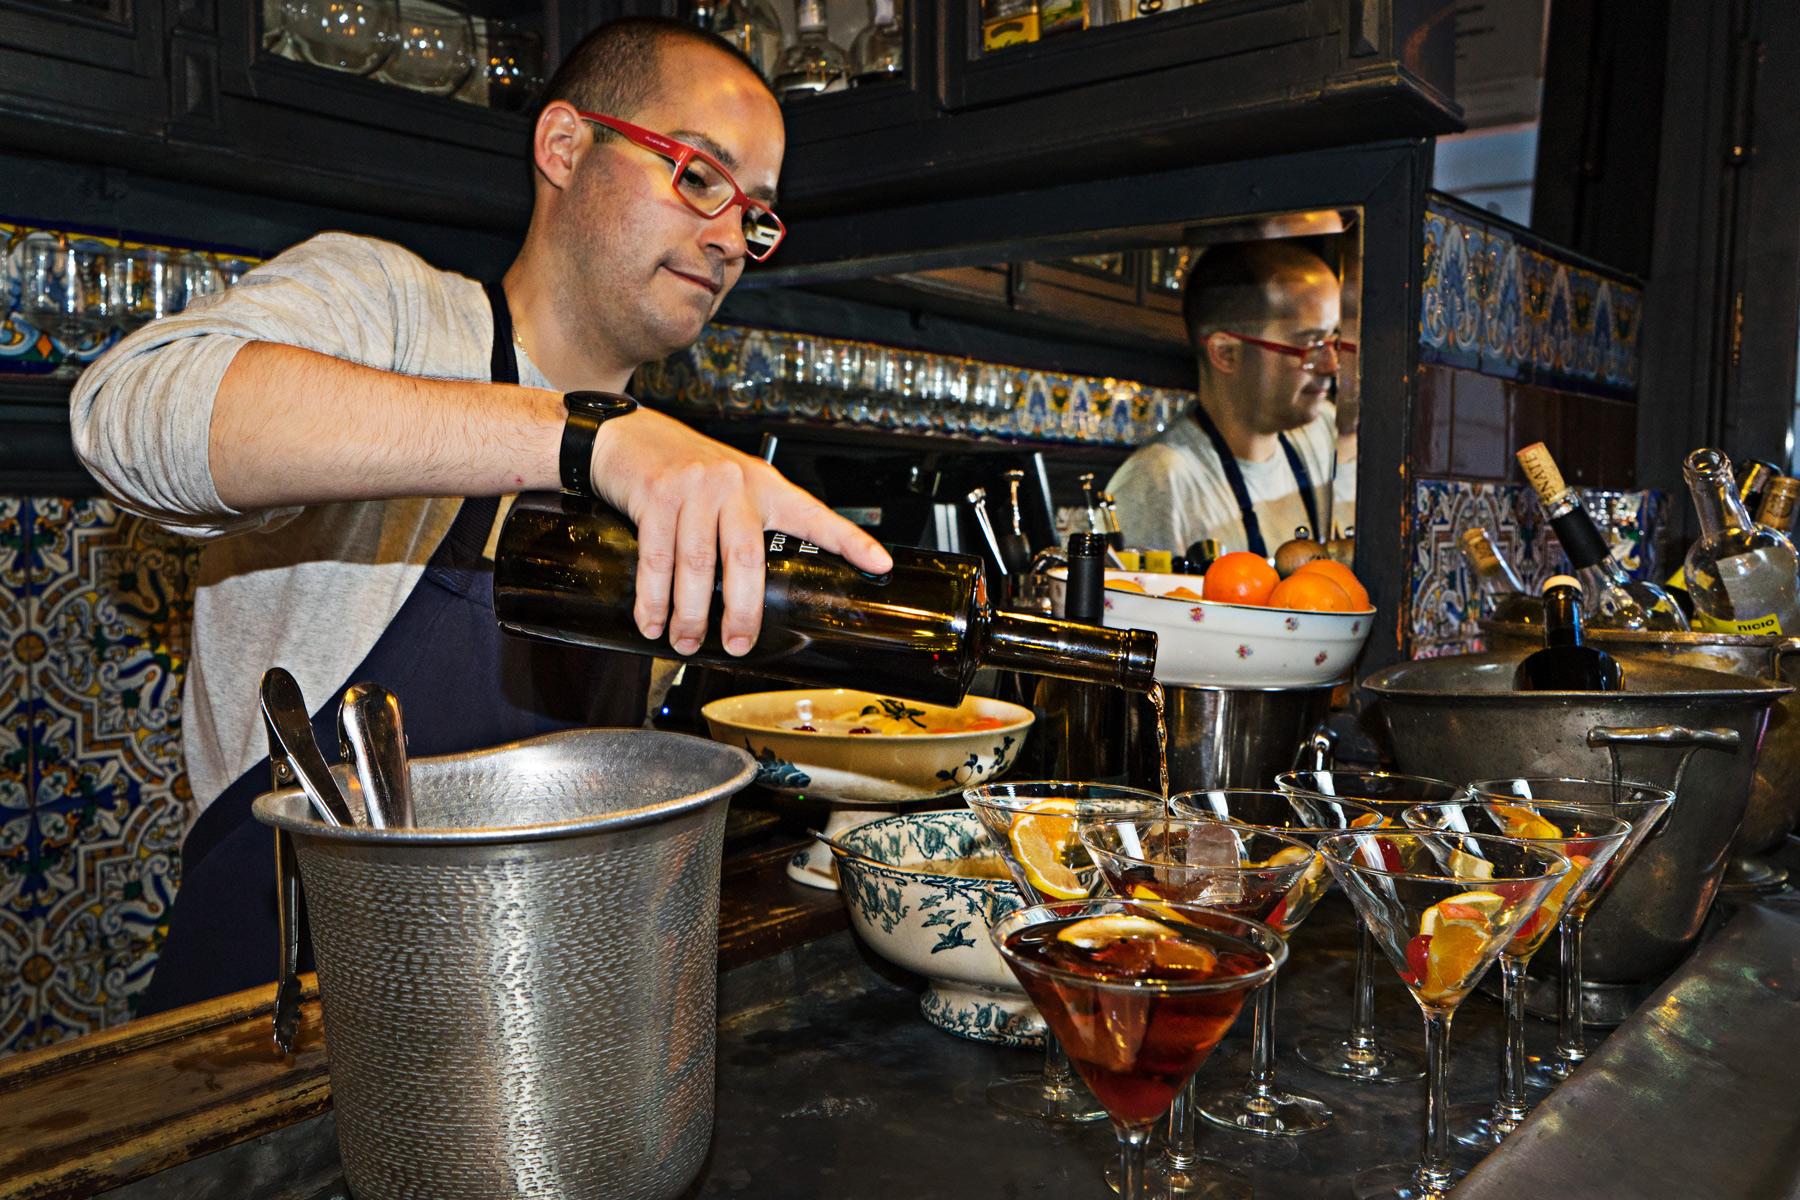 Spain_Madrid_Resturante-Carmencita_--(19)